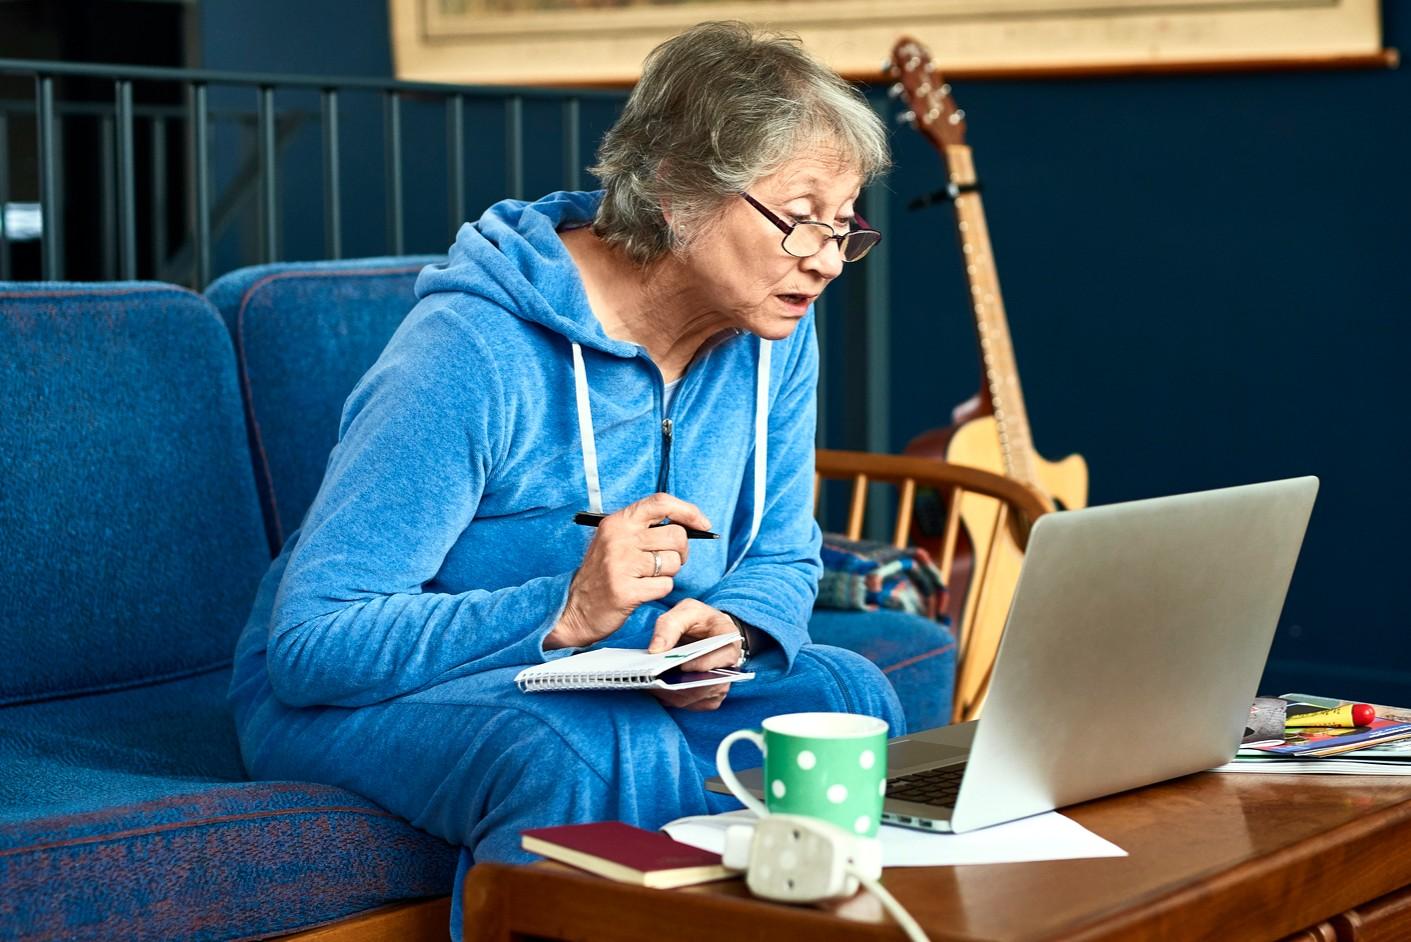 240723-1411x942-senior-woman-at-computer